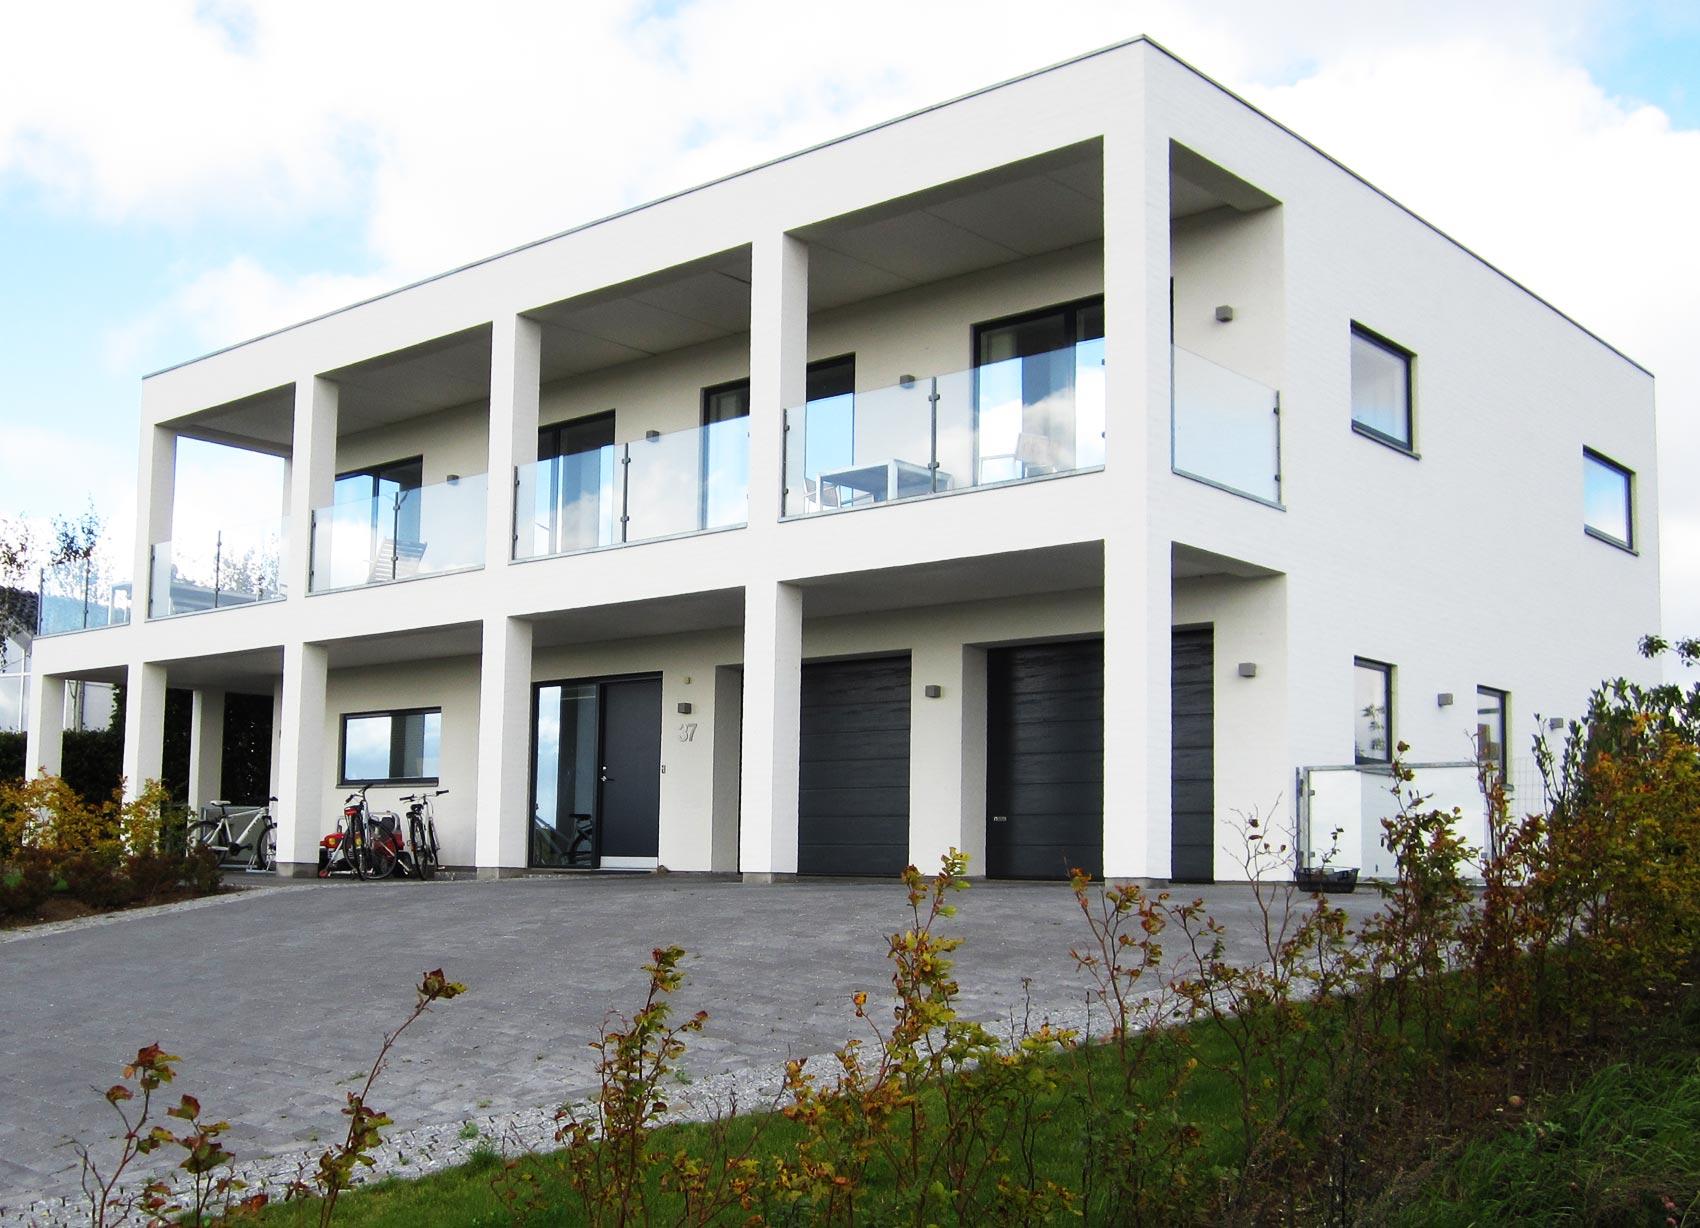 Nyt hus interiørbilleder - Inspiration til lysindfald og indretning